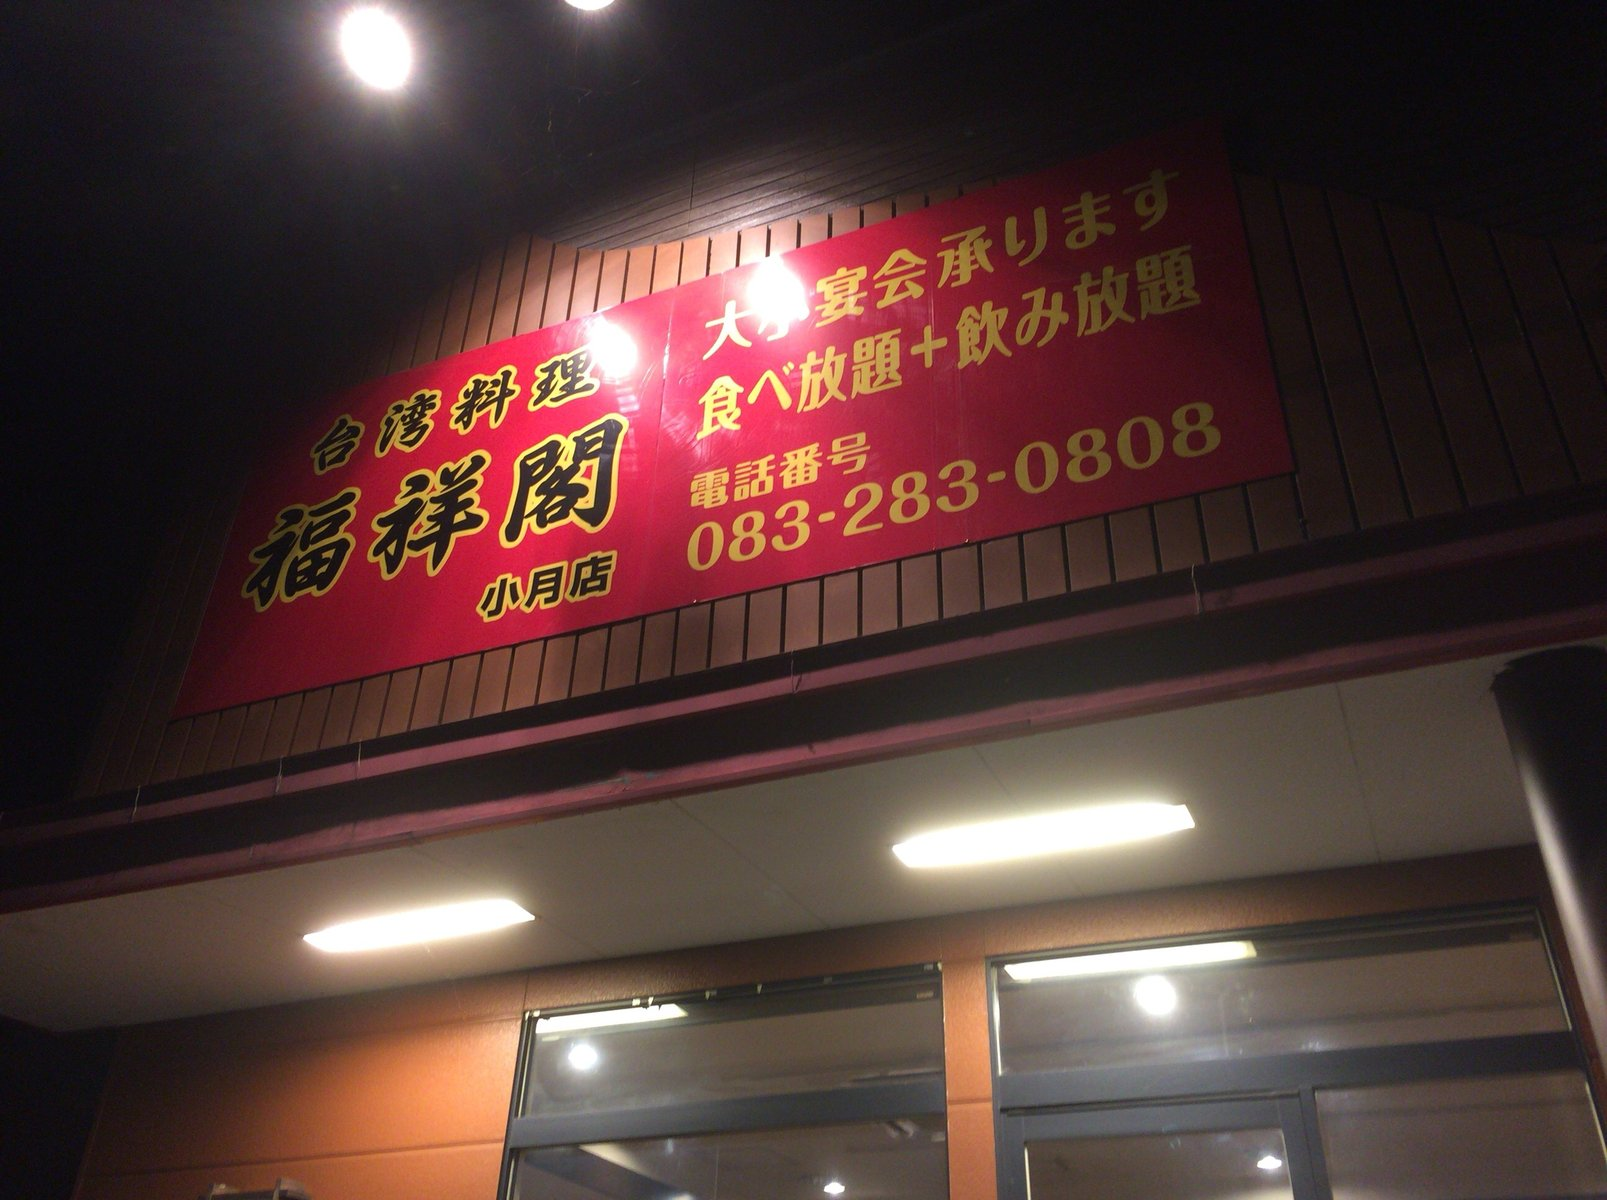 福祥閣 小月店